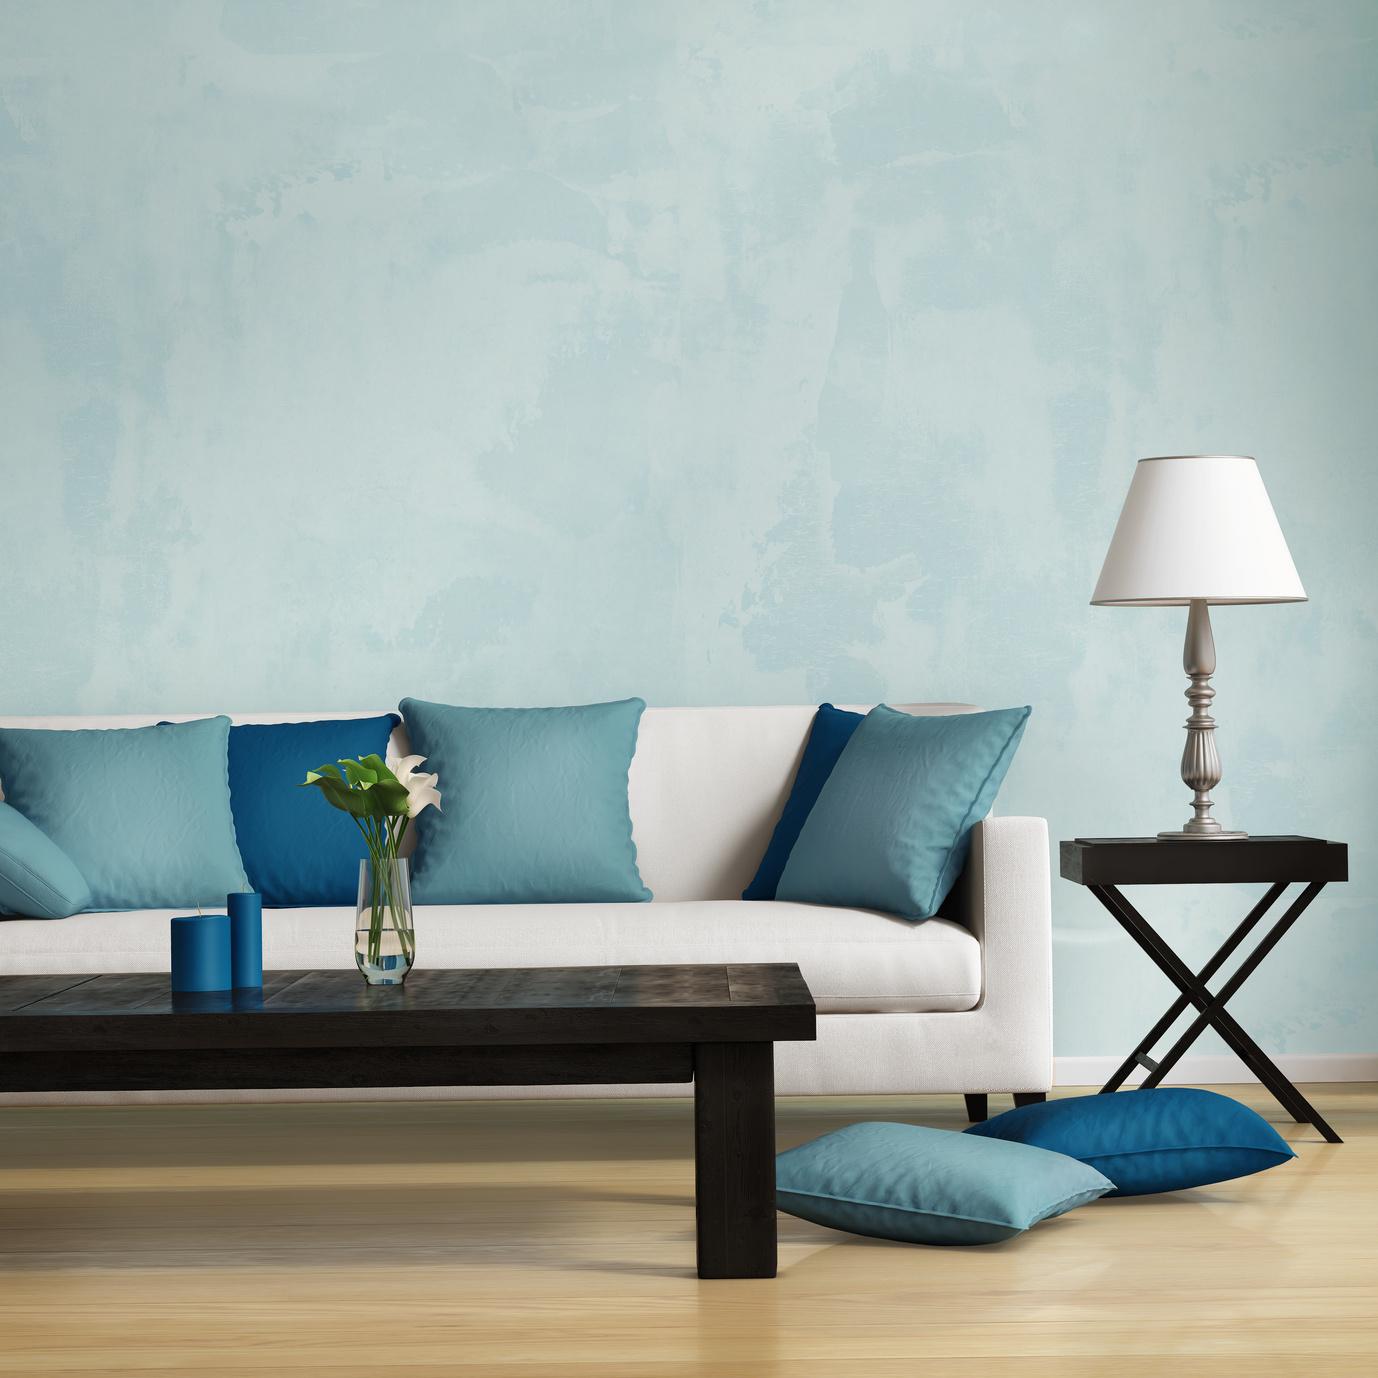 Черный, белый, синий и голубой цвета в интерьере гостиной